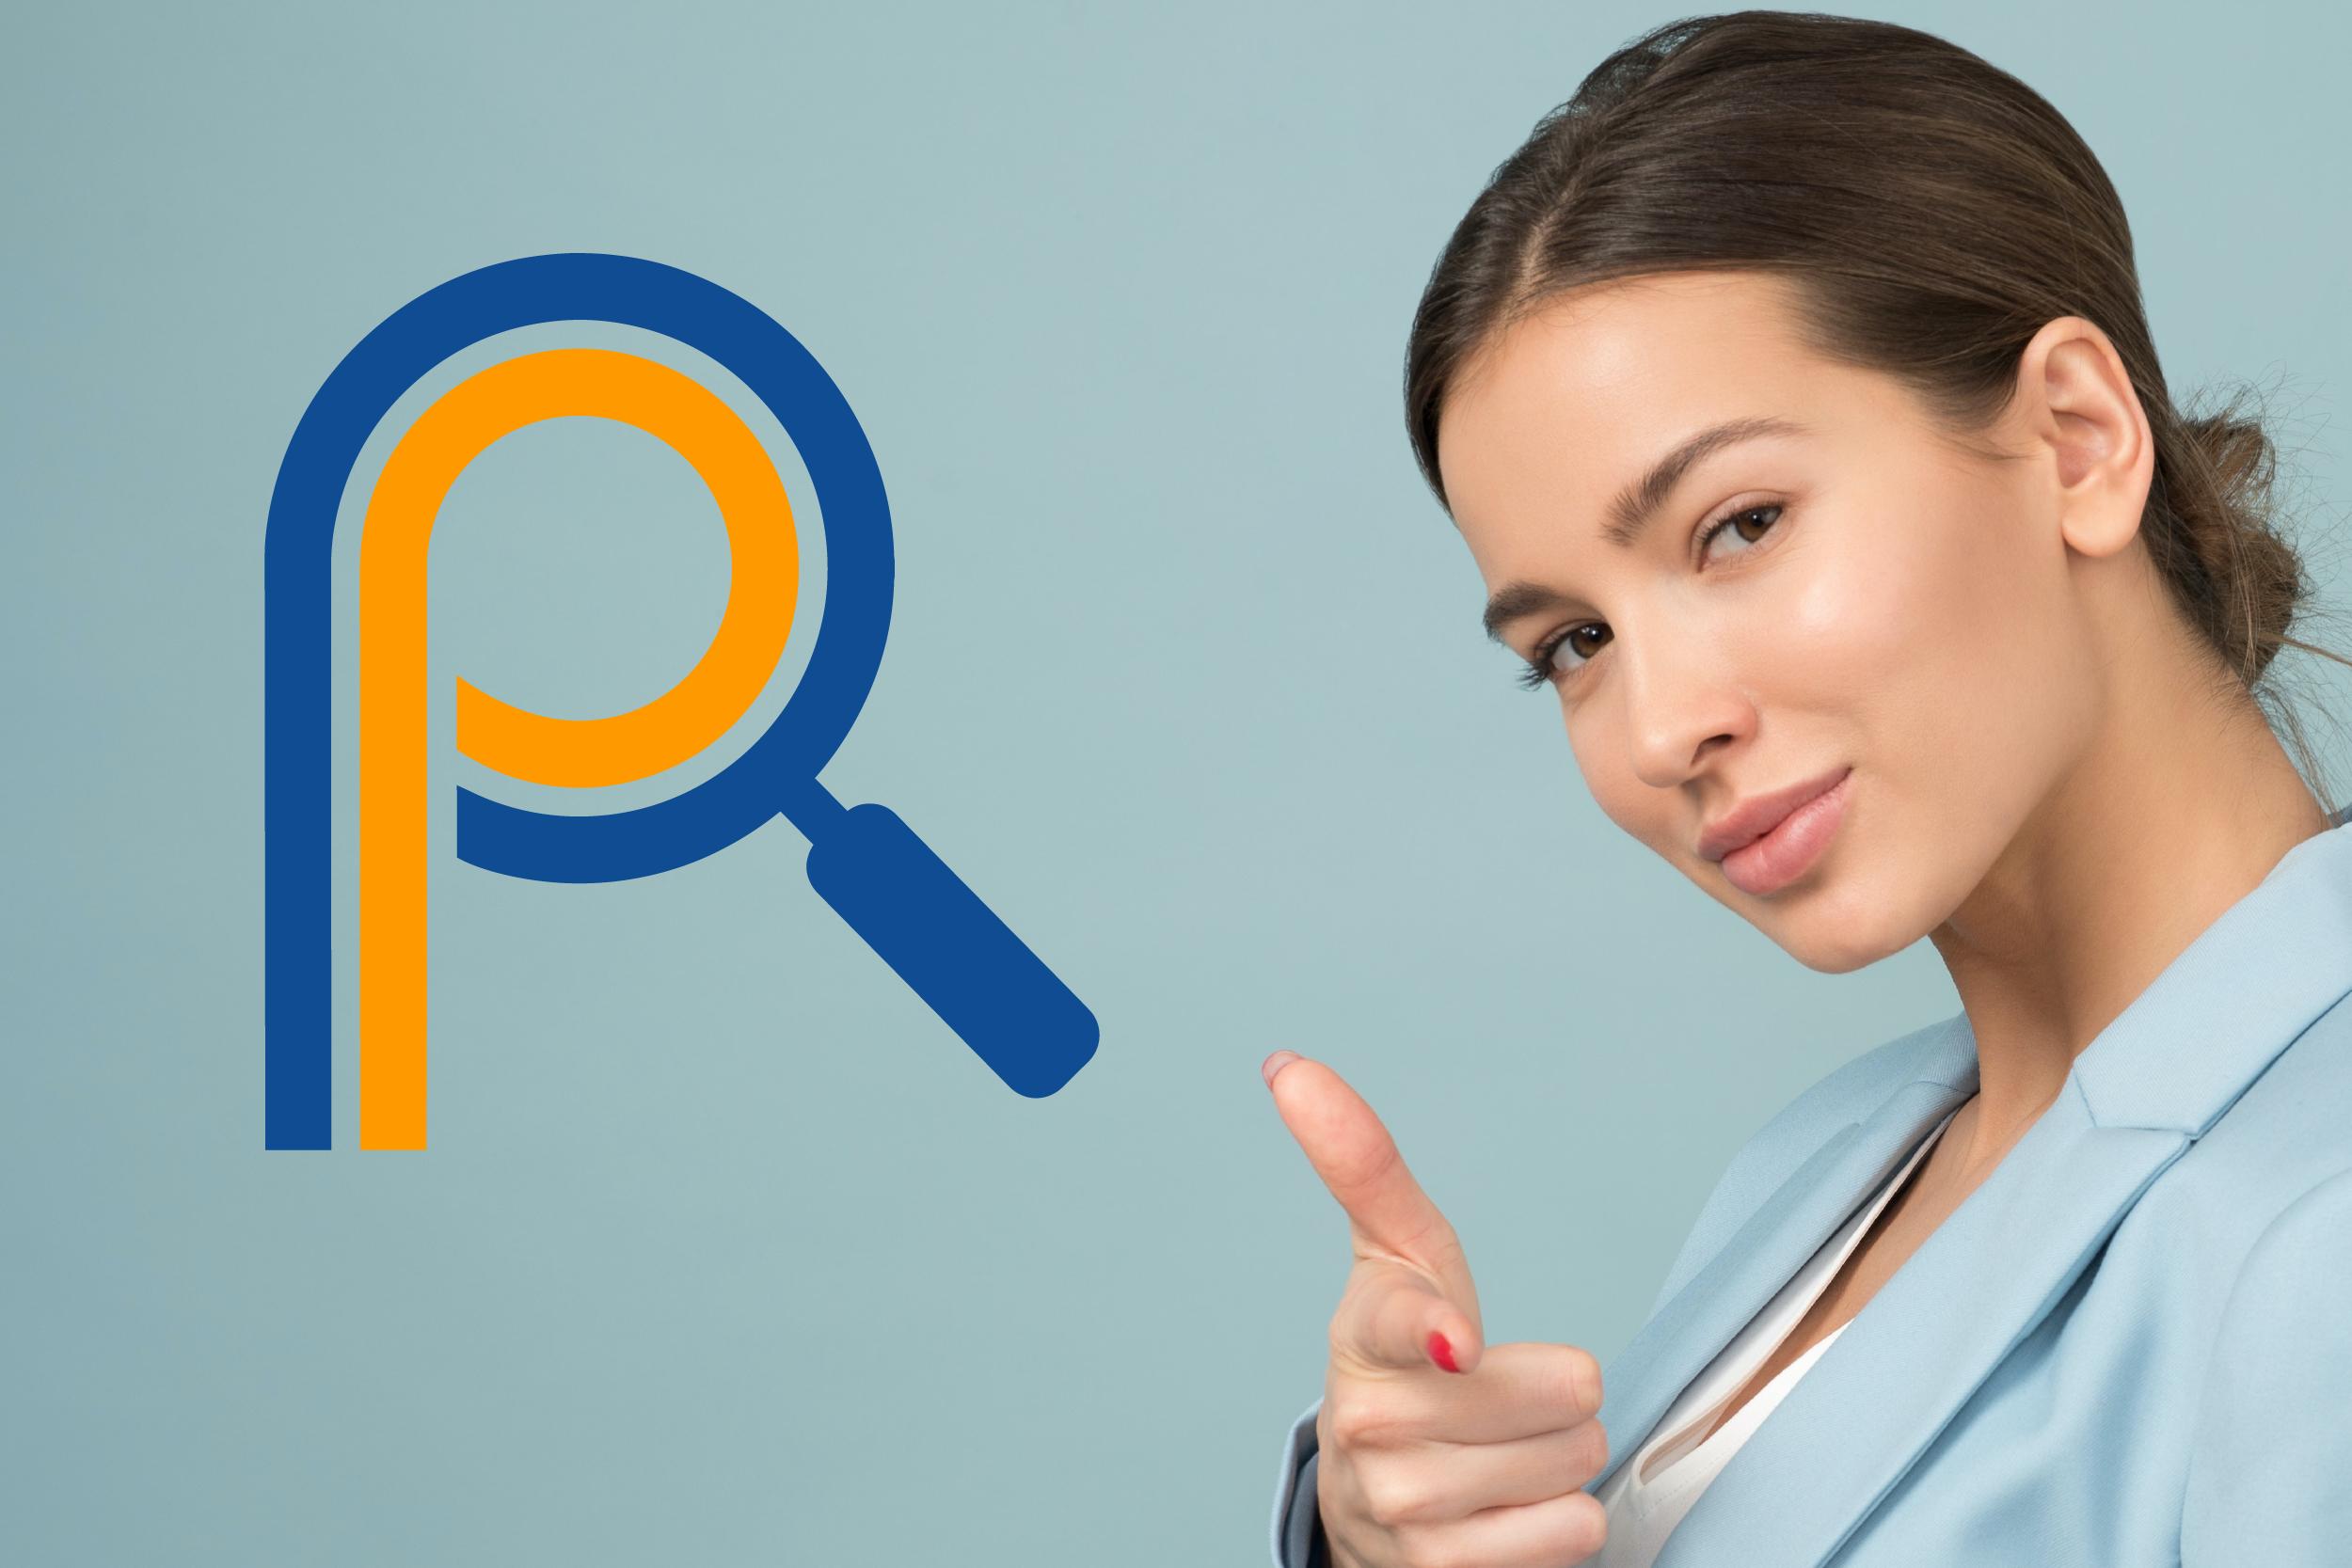 ProspectingPros: Door slimme marketing vinden en benaderen we jouw prospects